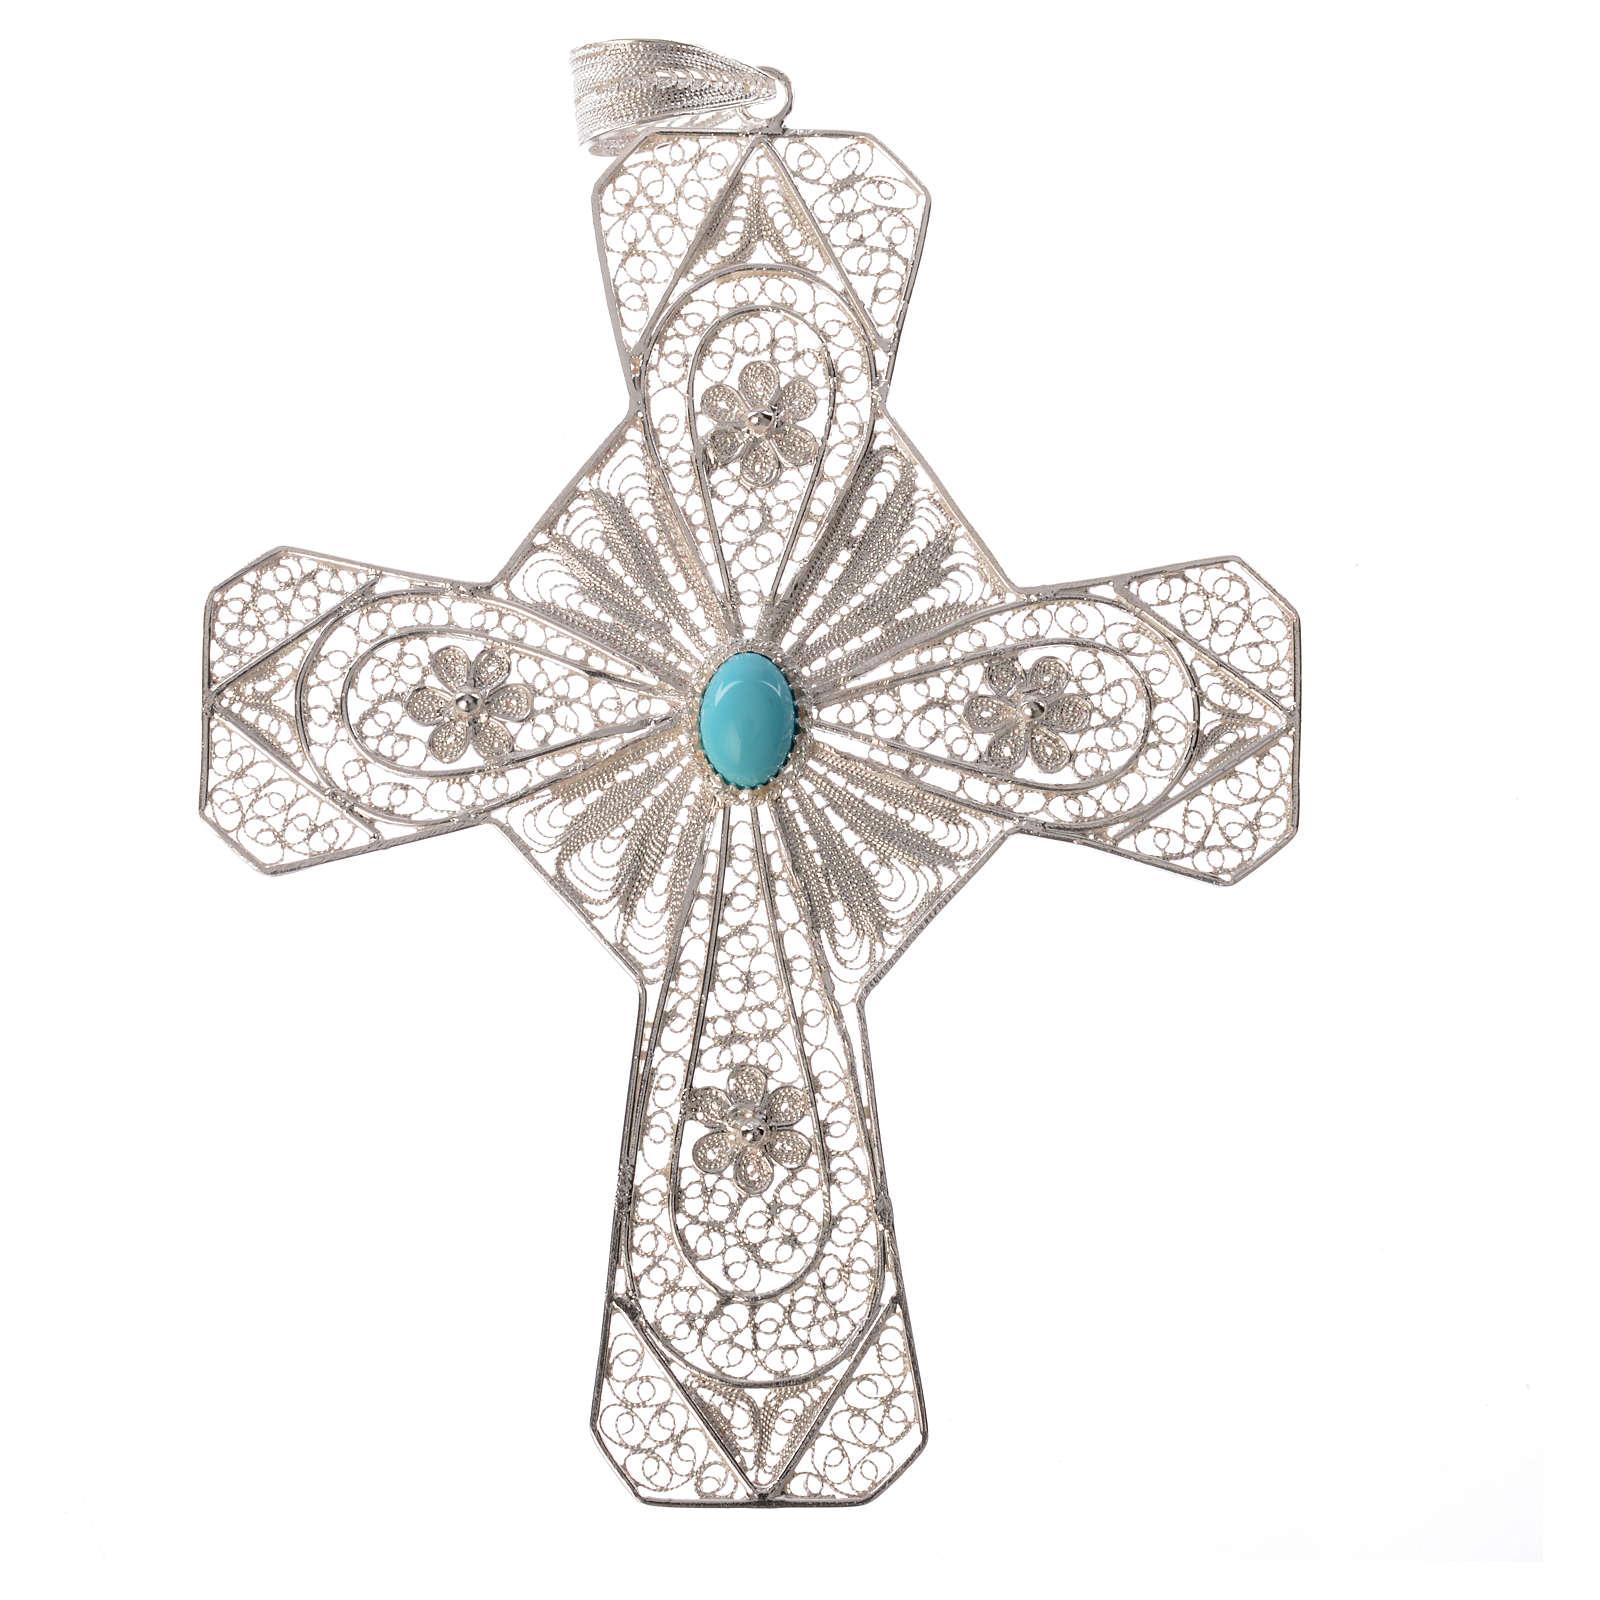 Croce vescovile argento 800 filigrana corniola 3